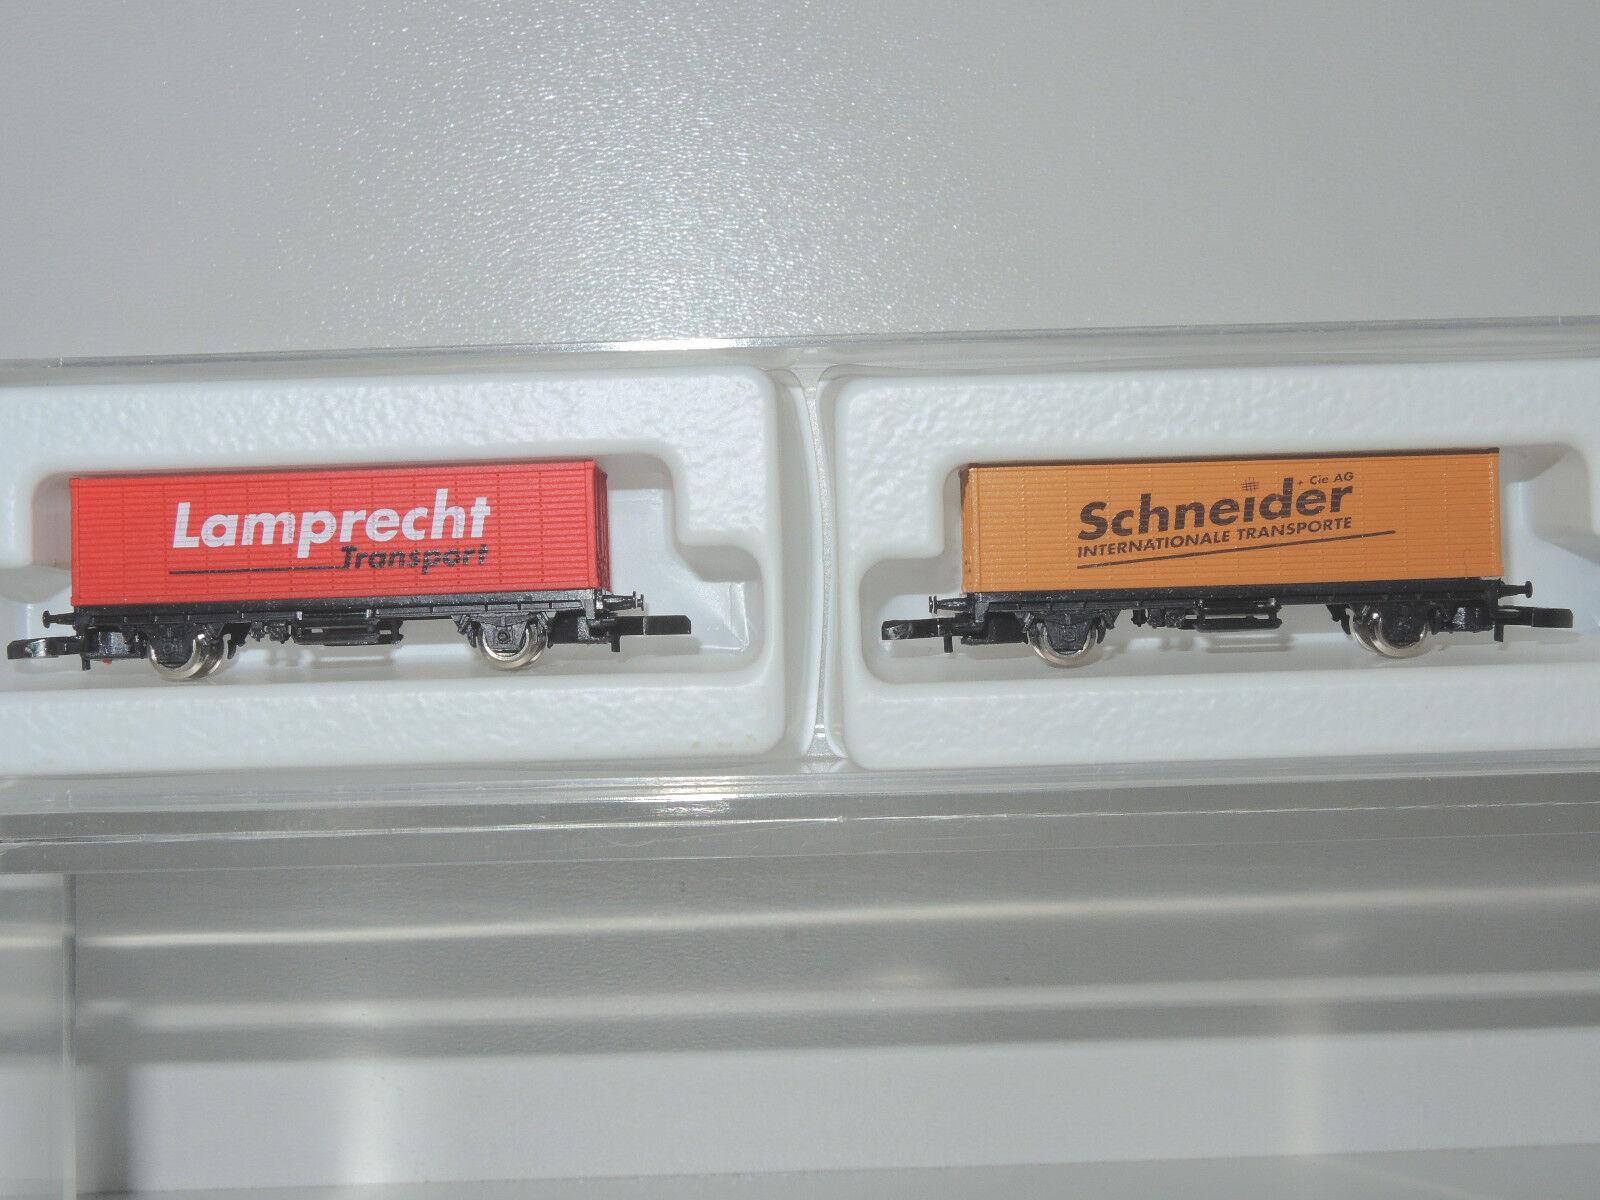 8617.900, traccia ad 2 x Carro merci provenienti da Set Lamprecht/Schneider, Top,